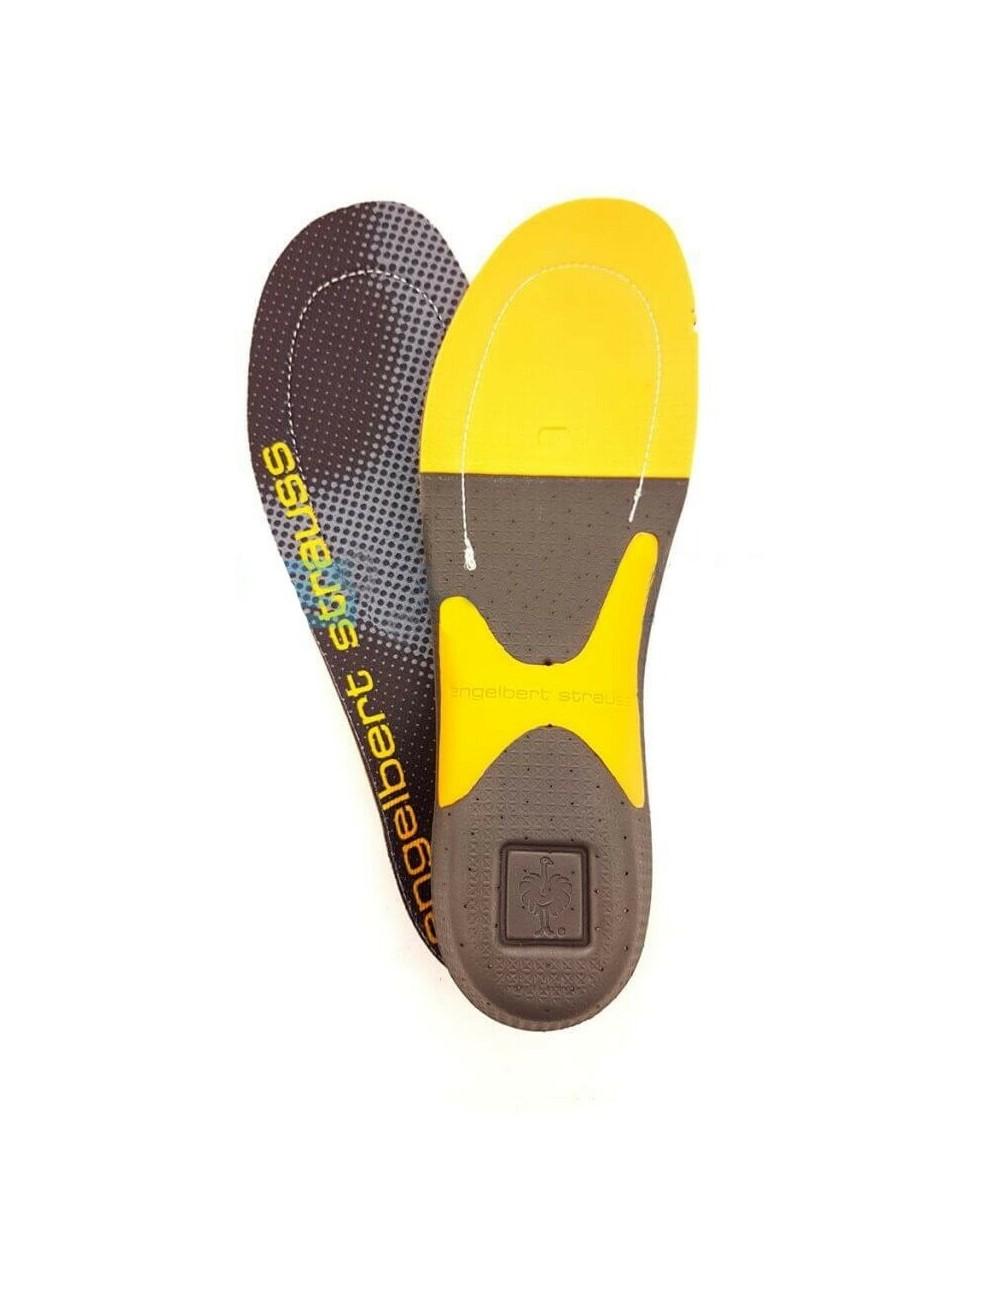 Engelbert Strauss wkładki do butów active, soft